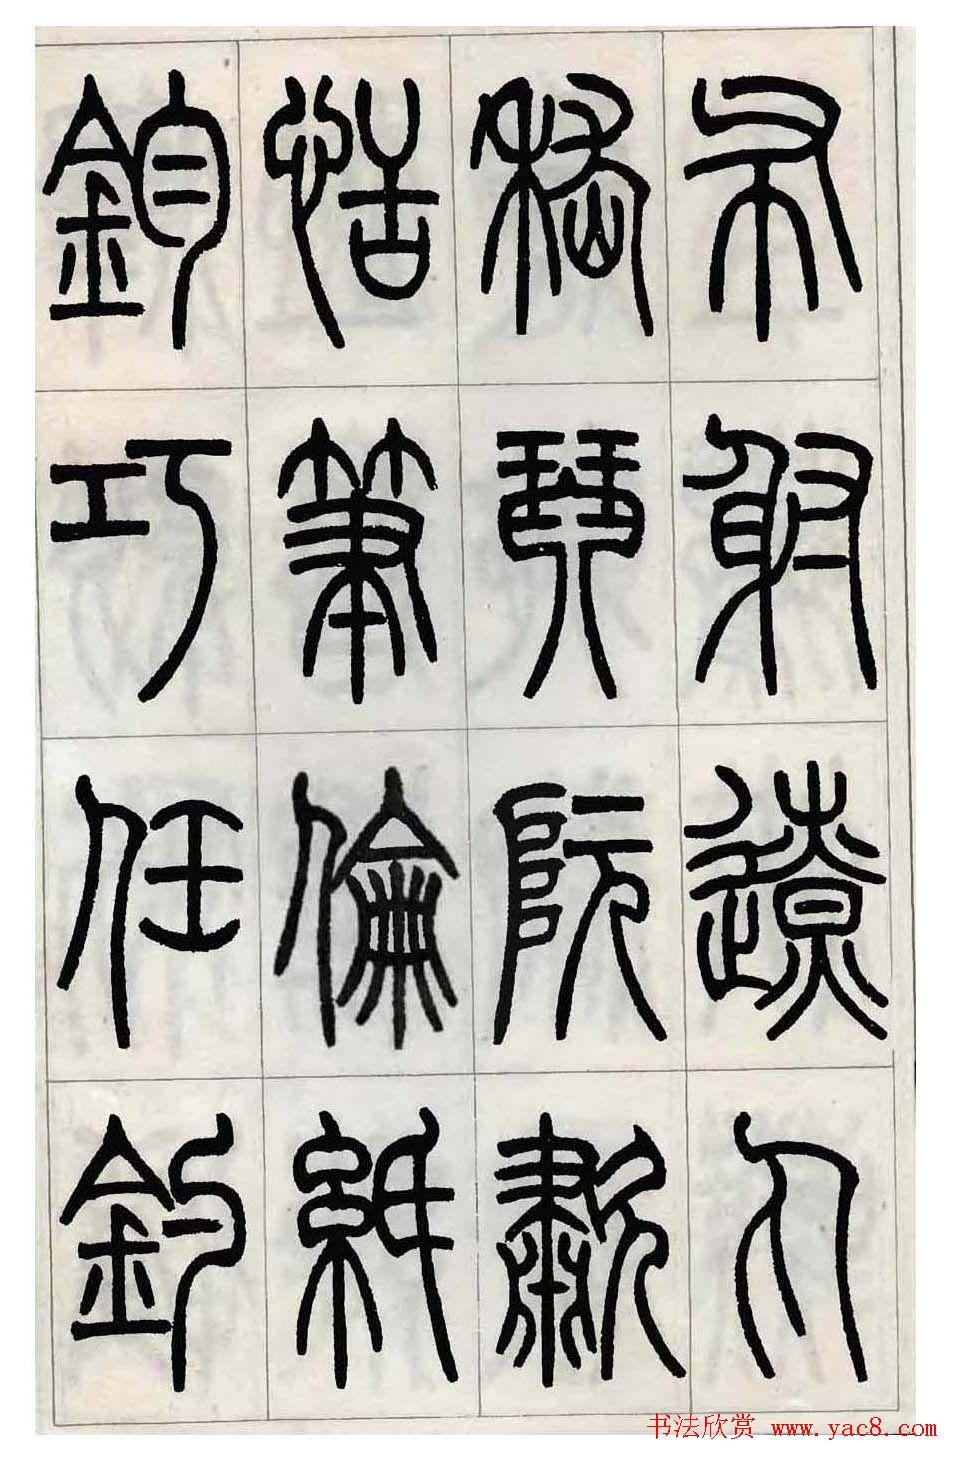 张永明小篆书法欣赏 千字文 第59页 篆书字帖 书法欣赏